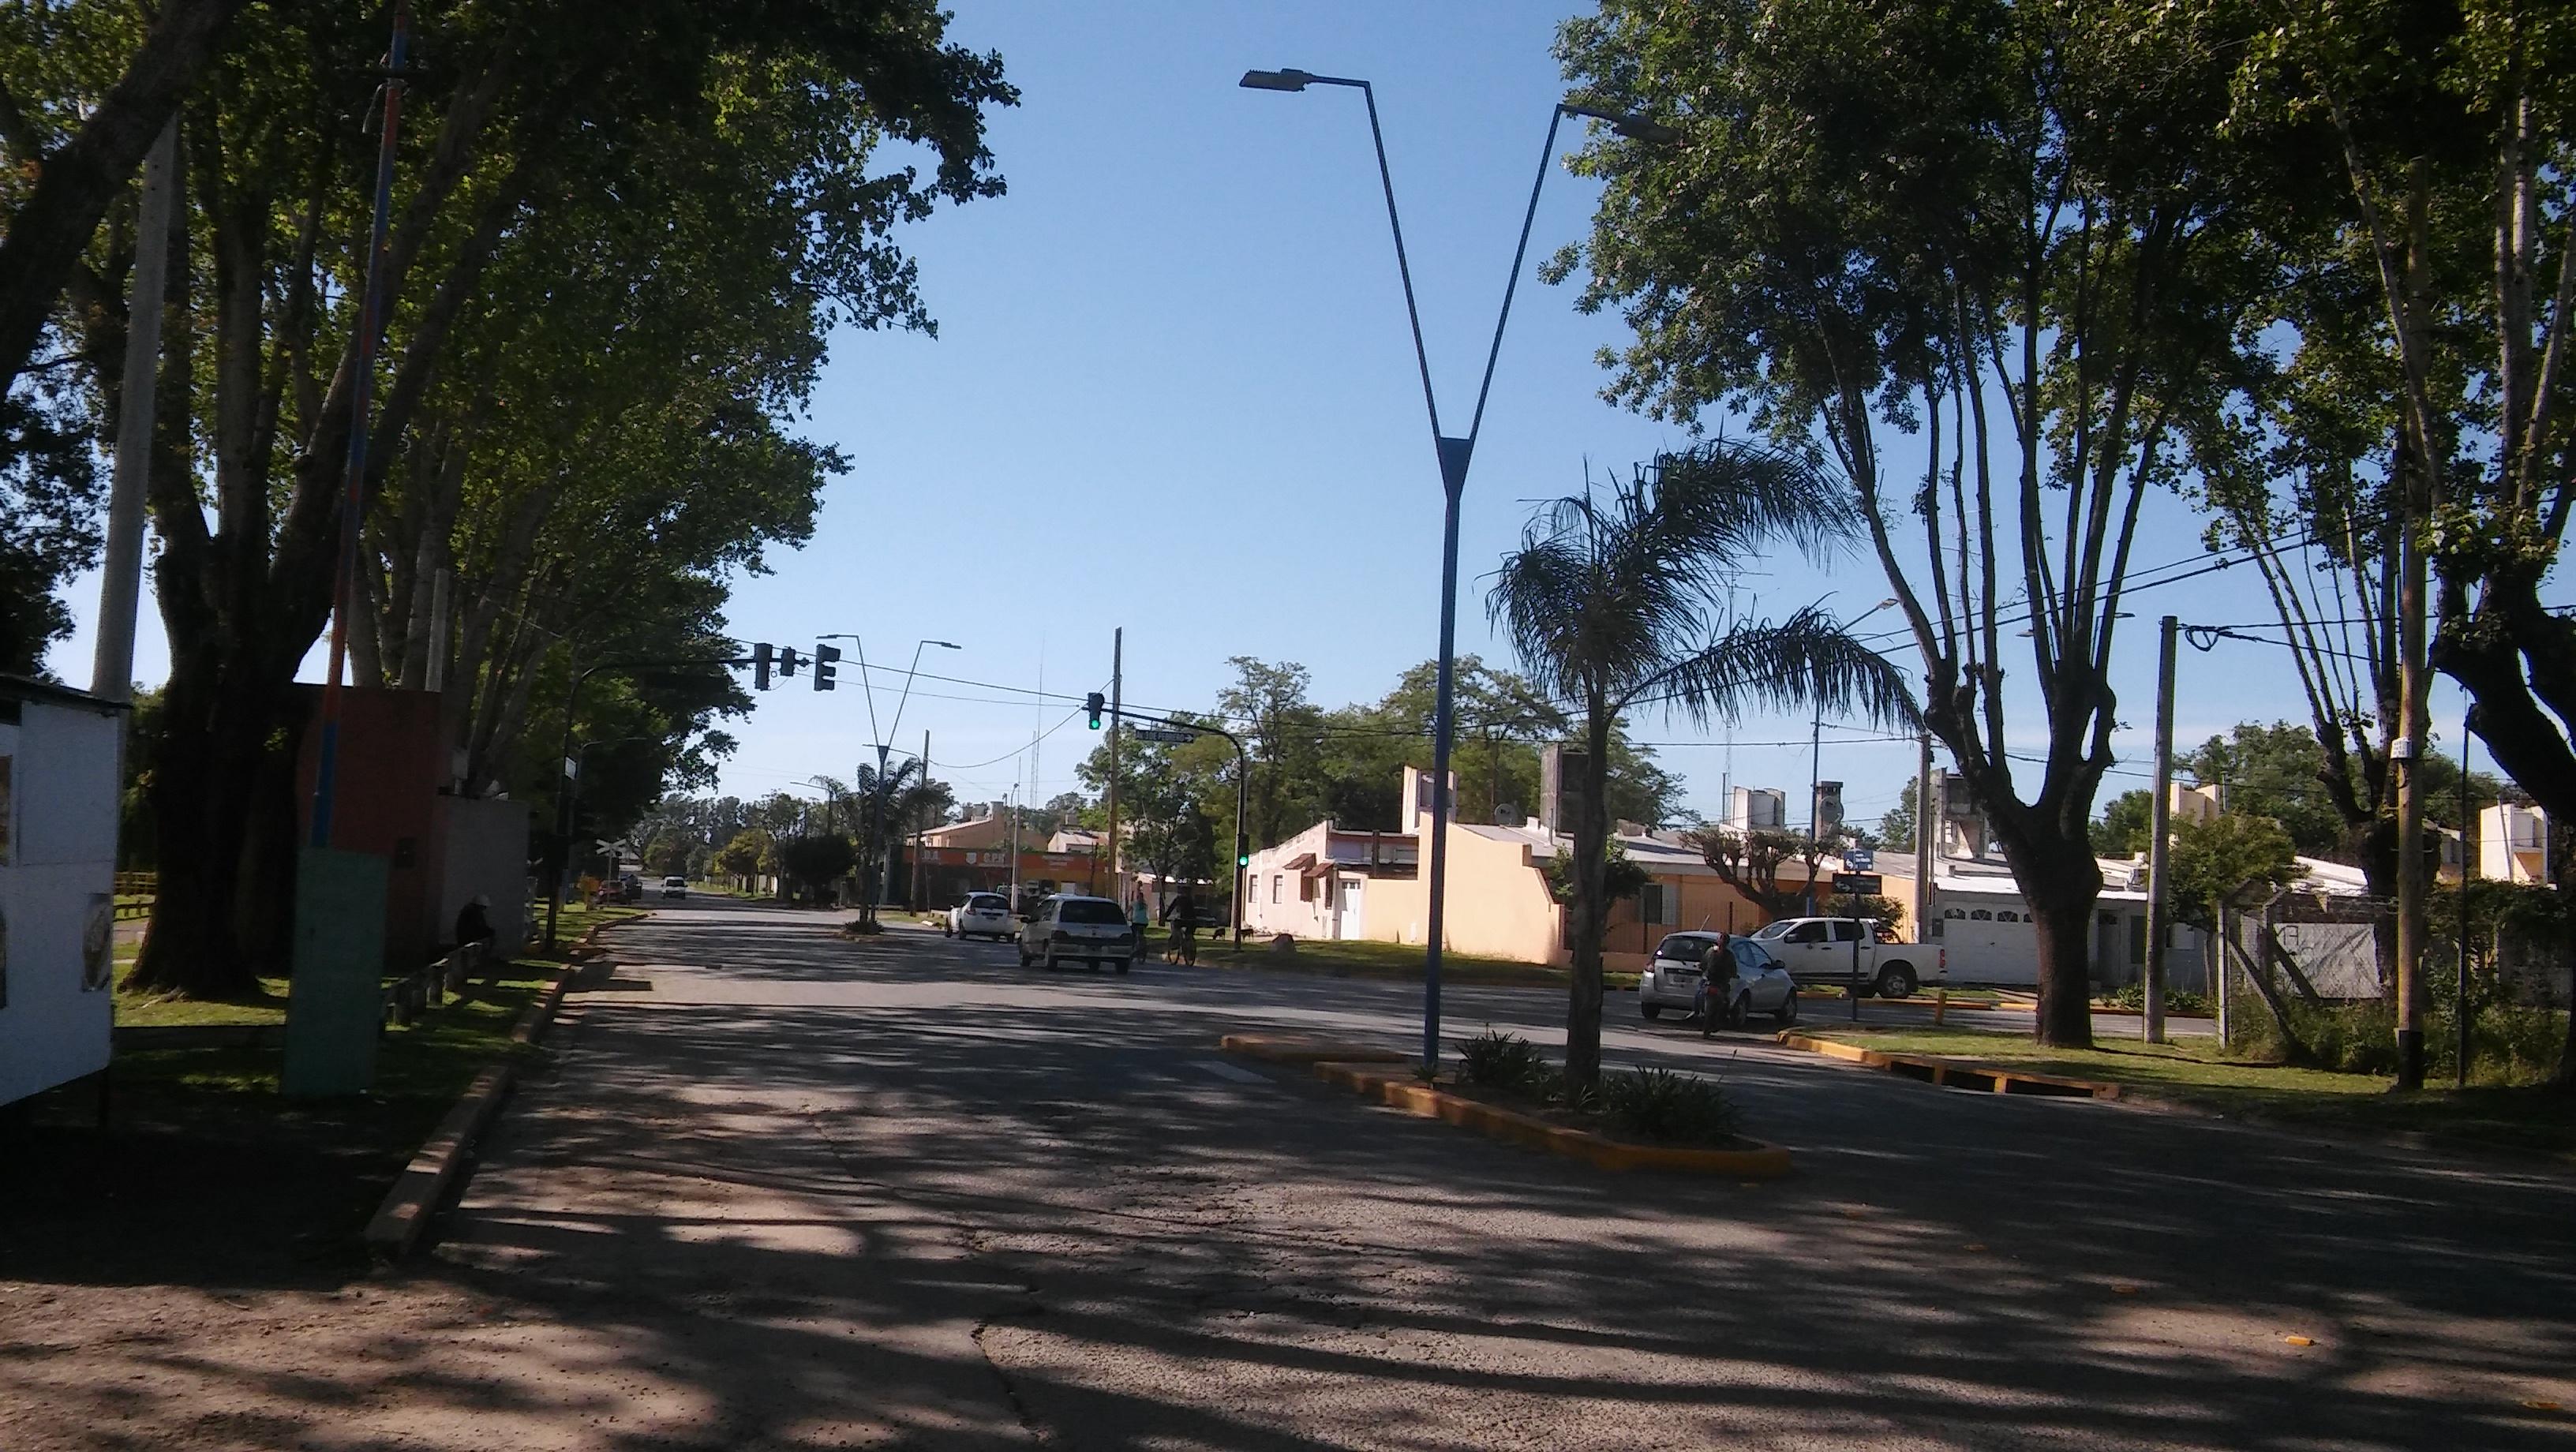 Este sábado 3 de noviembre al mediodía se produjo otro hecho de las características que mencionamos en el título de este informe, que motivó una denuncia policial en la sede de la Comisaría de la Mujer-Superintendencia de Políticas de Género-División Coordinación Zonal Junín, ubicada en la esquina de Juan G. Muñoz e Yrigoyen de nuestra ciudad.